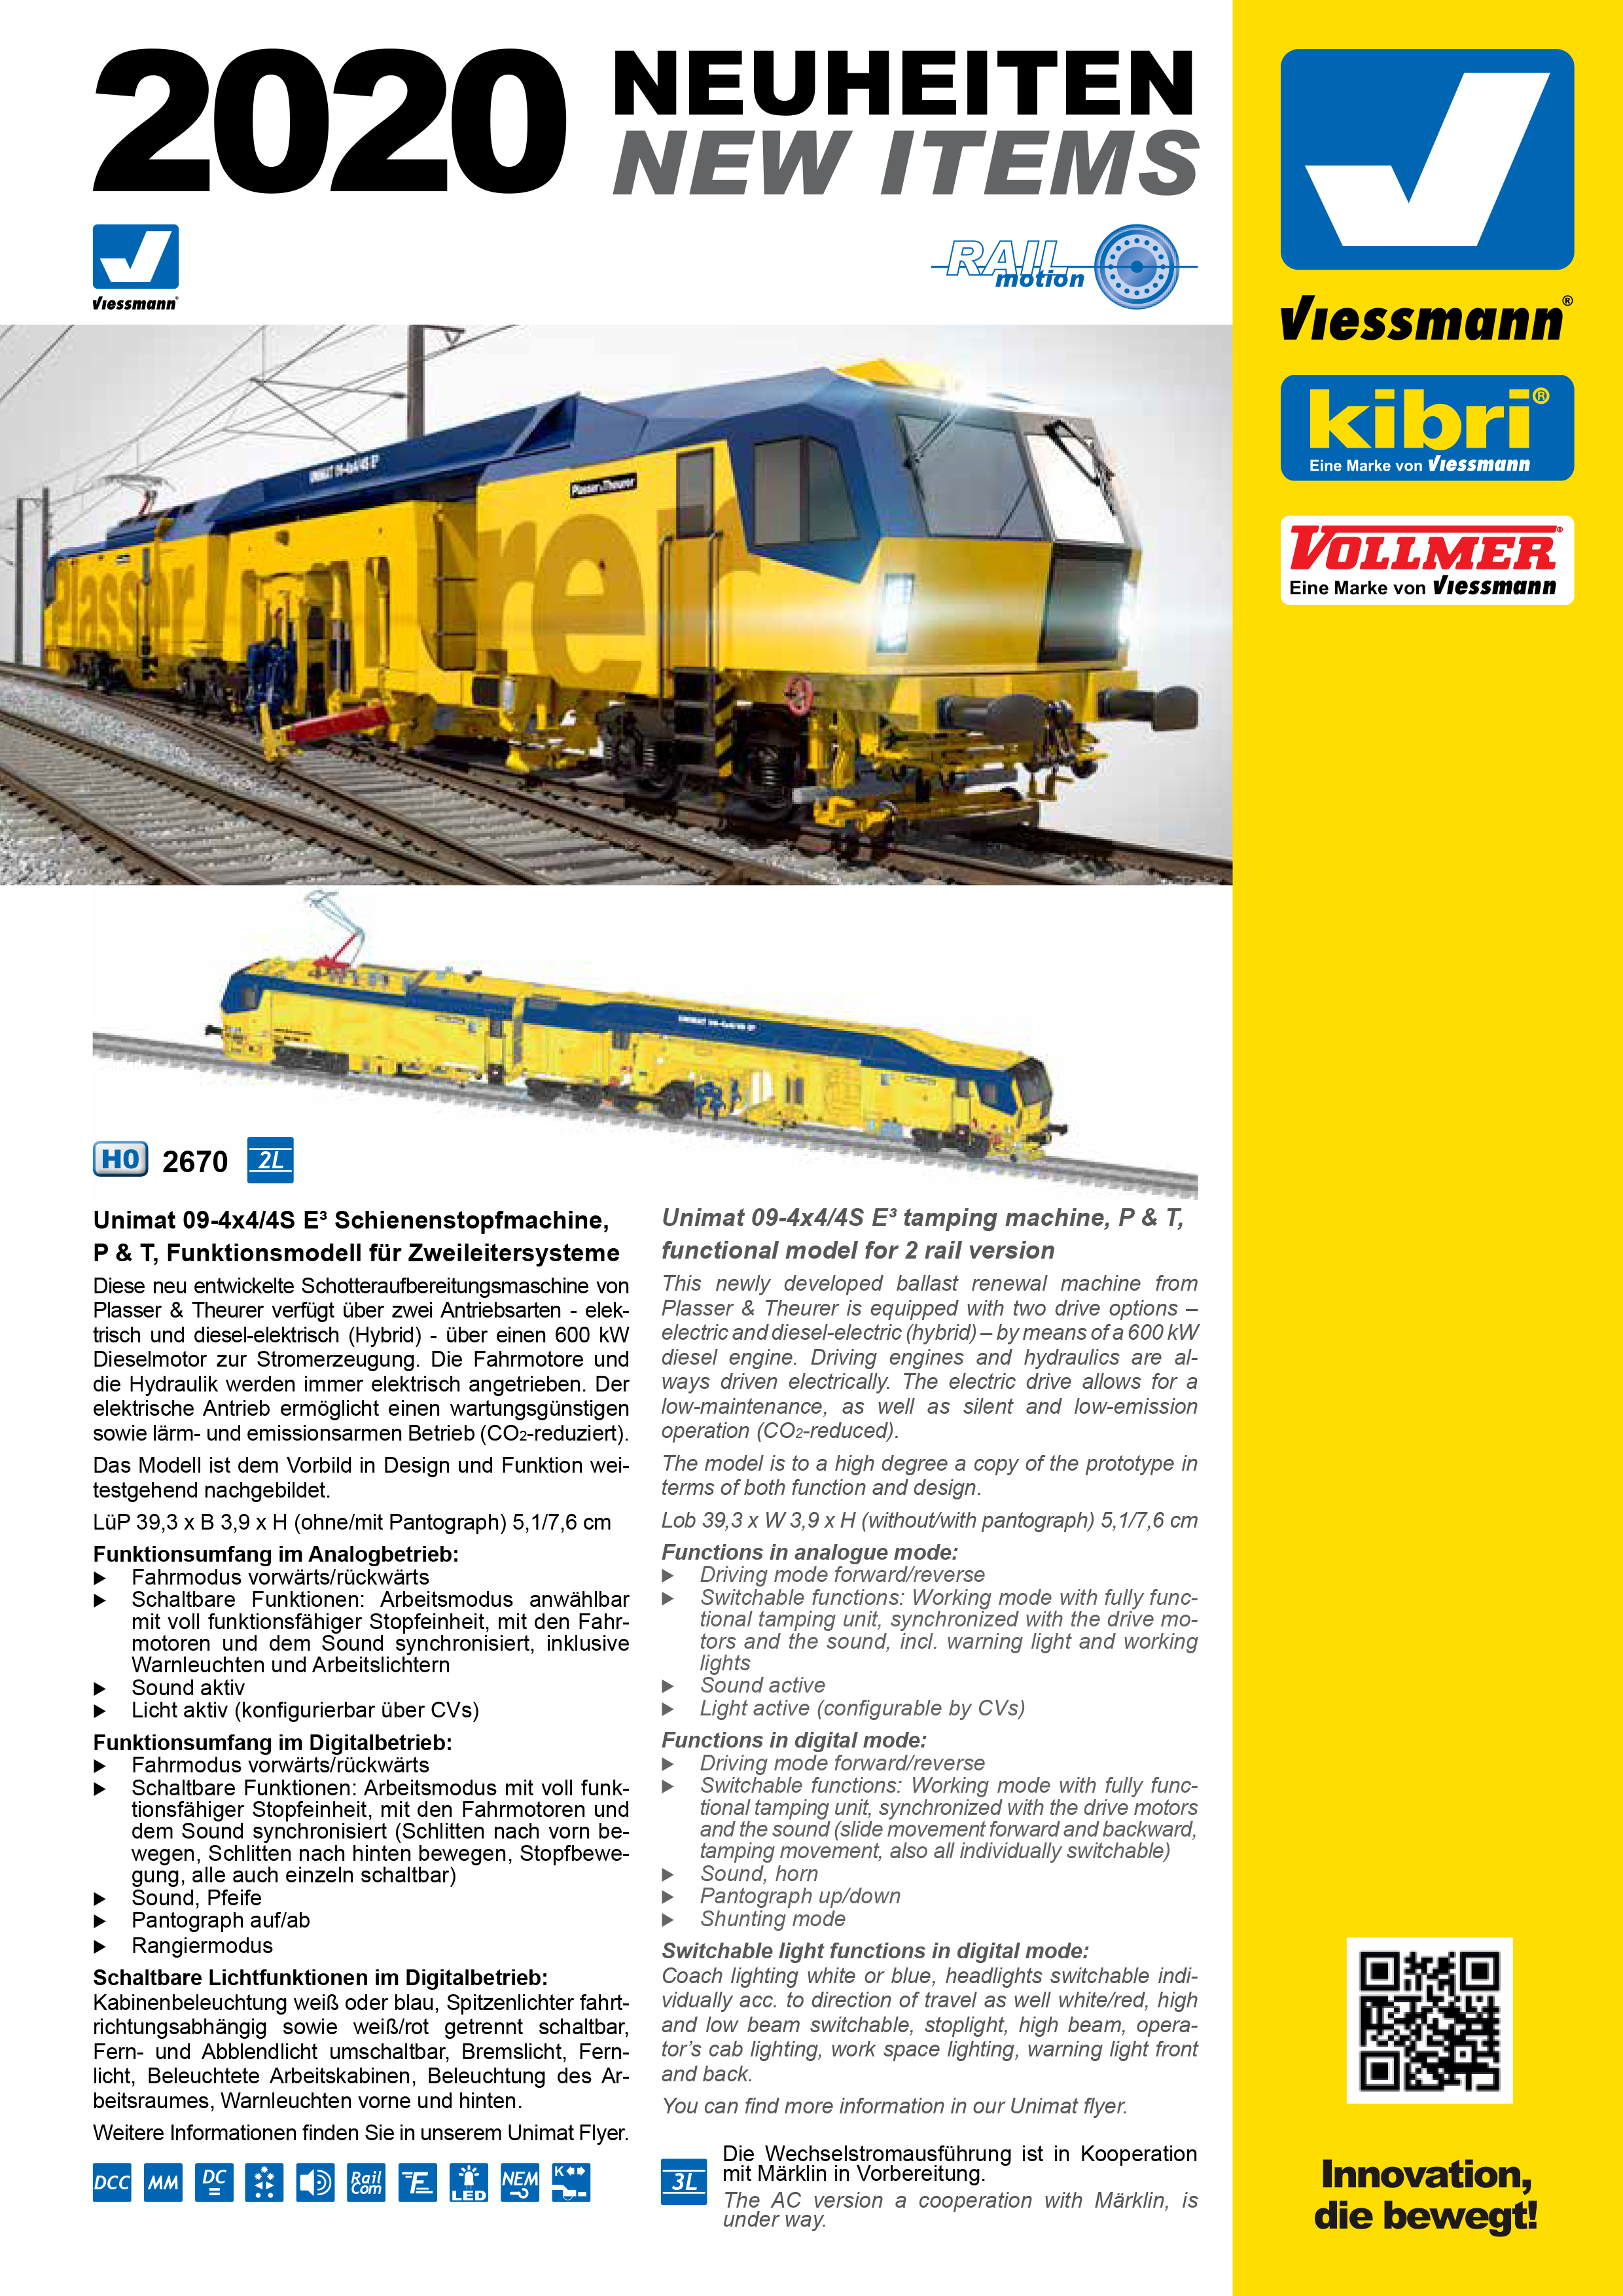 Viessmann-Kibri-Vollmer--Neuheiten-2020-1